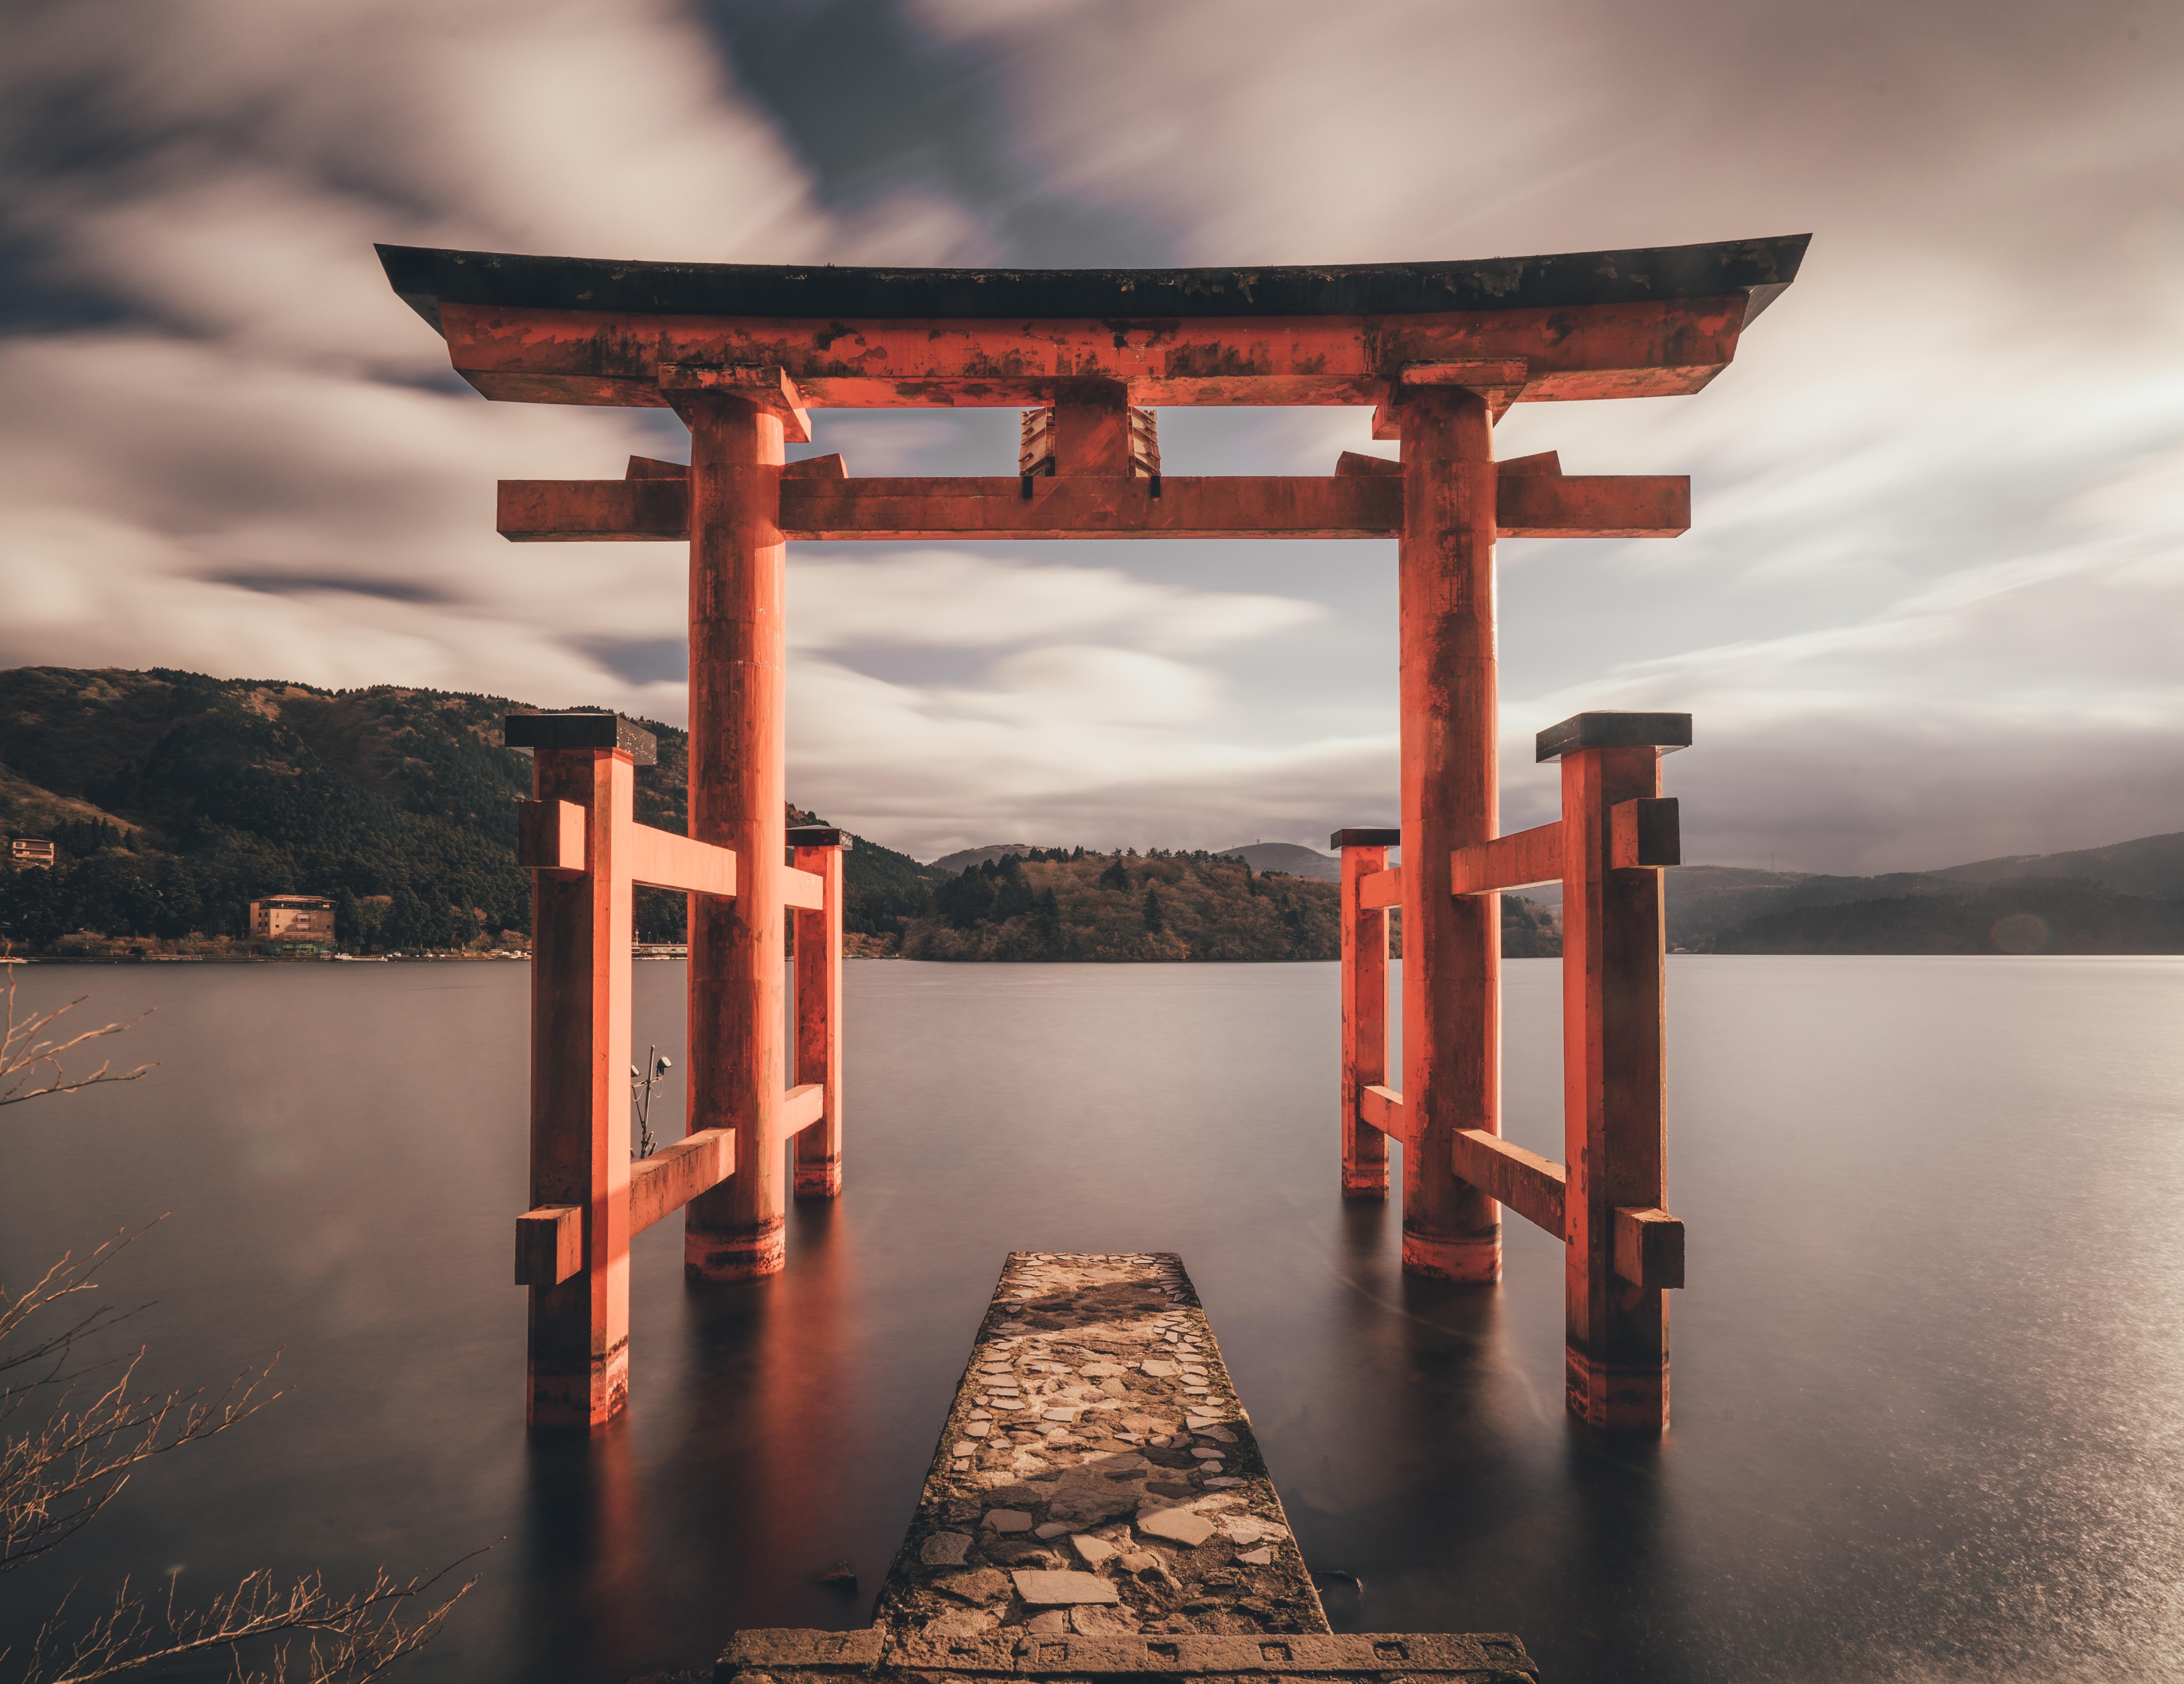 警固神社は福岡で人気のパワースポット!御朱印やご利益・足湯情報も!